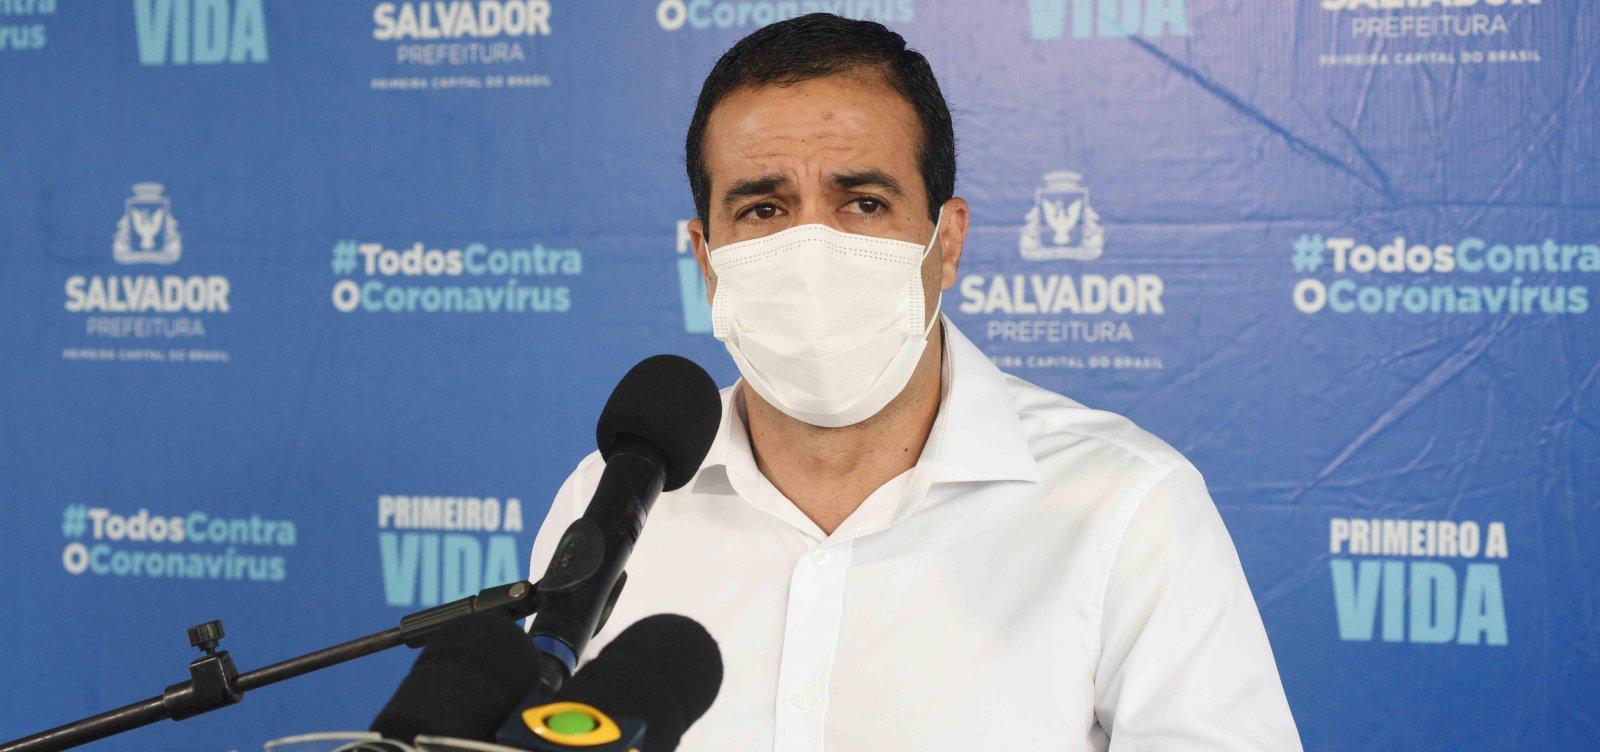 'Não hesitaremos em fechar tudo', diz Bruno Reis sobre lockdown na Bahia e em Salvador